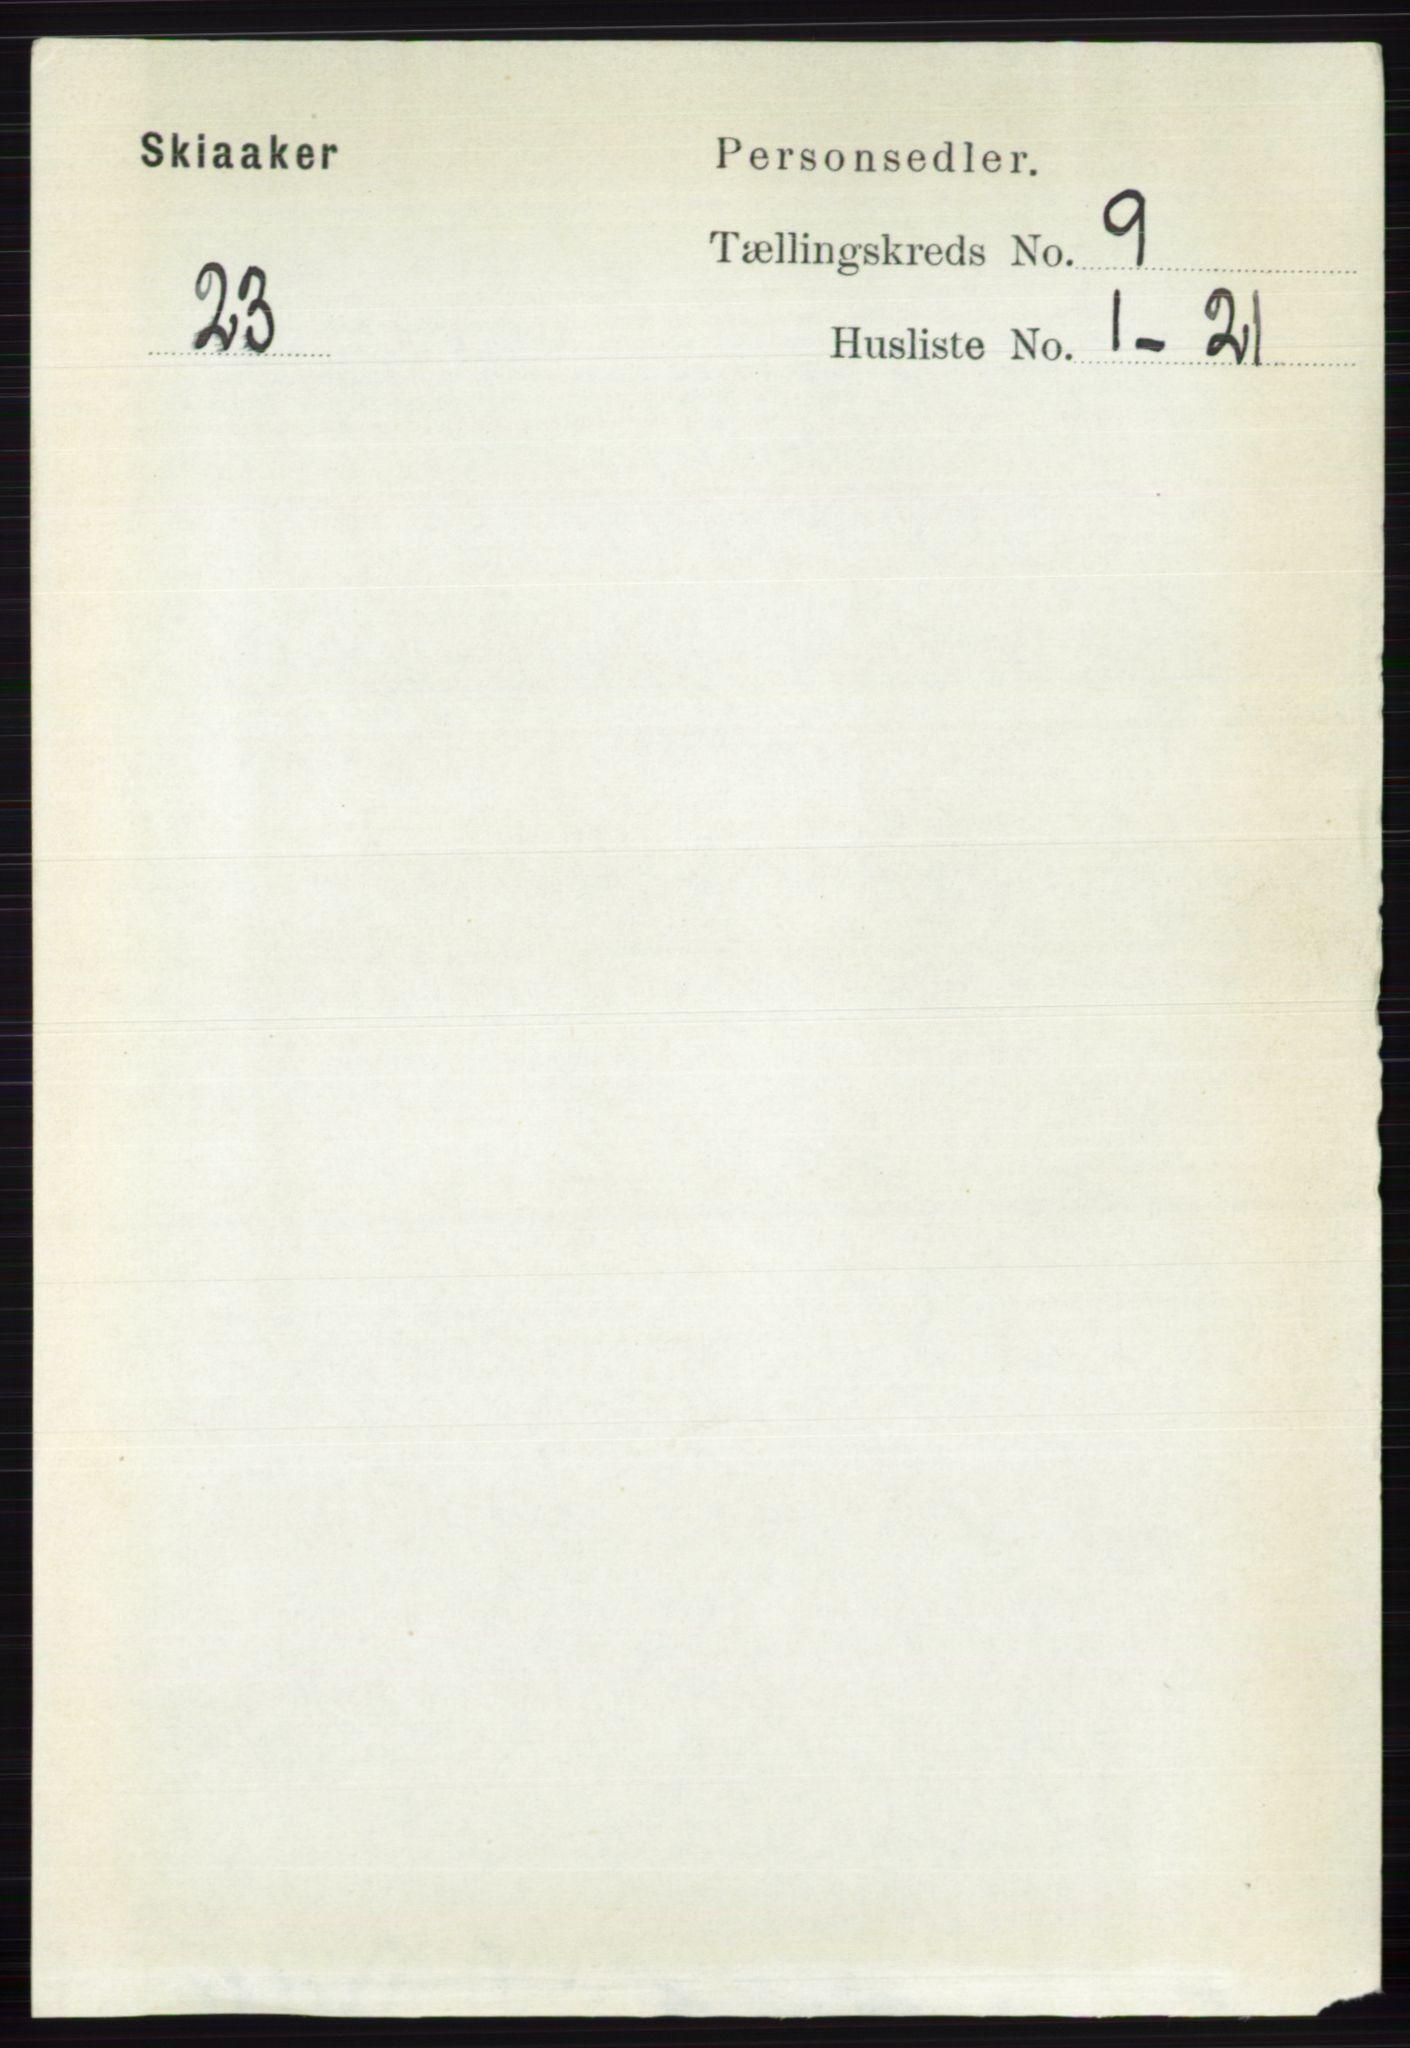 RA, Folketelling 1891 for 0513 Skjåk herred, 1891, s. 2828